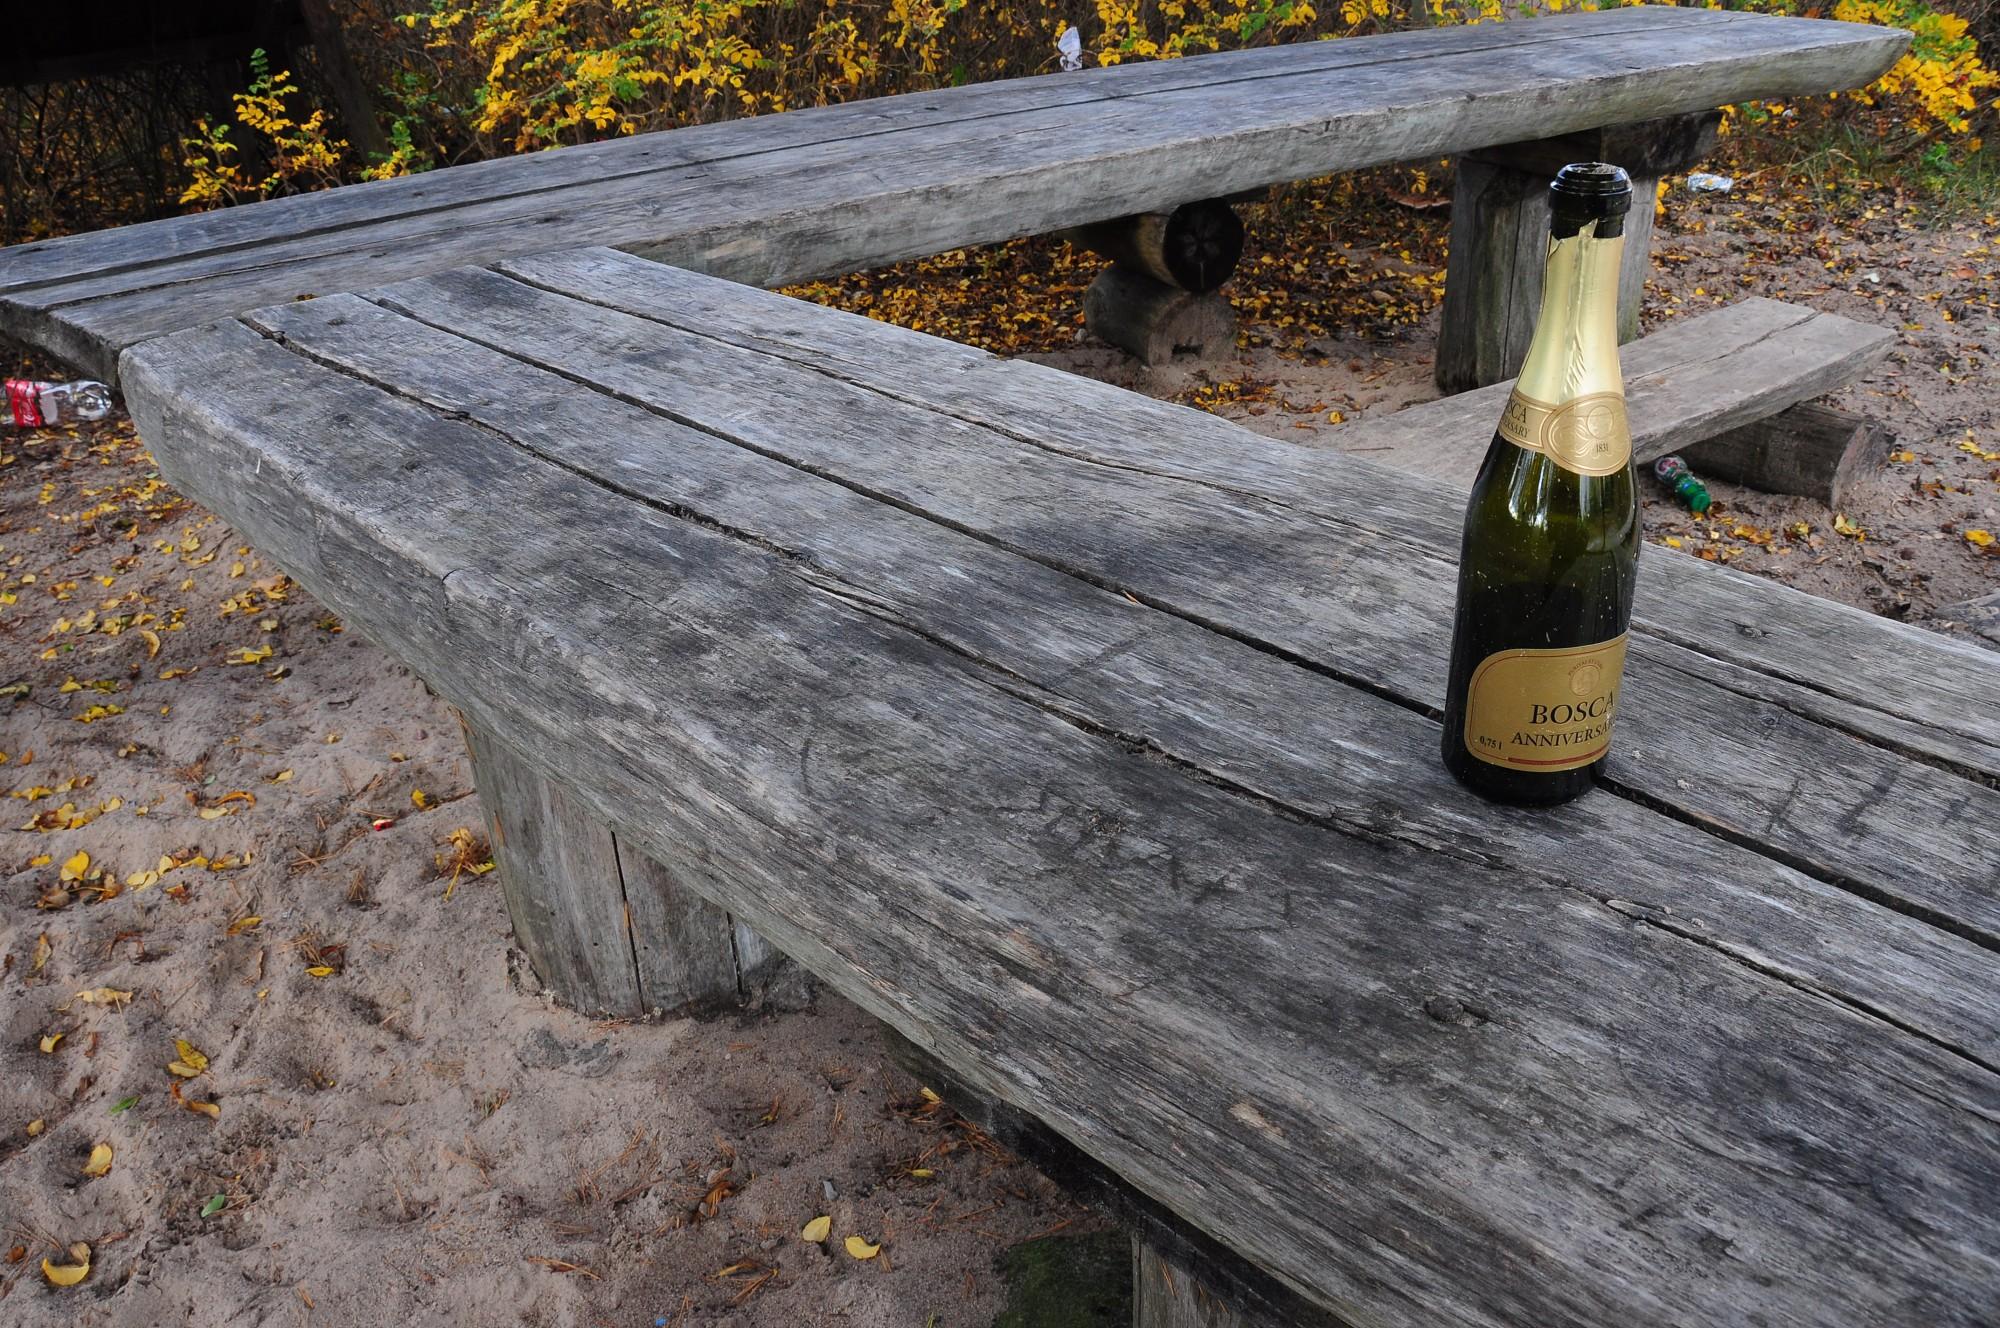 No 16 tirdzniecības vietām alkohola pārdošana nepilngadīgajiem konstatēta vienā – Vecliepājā